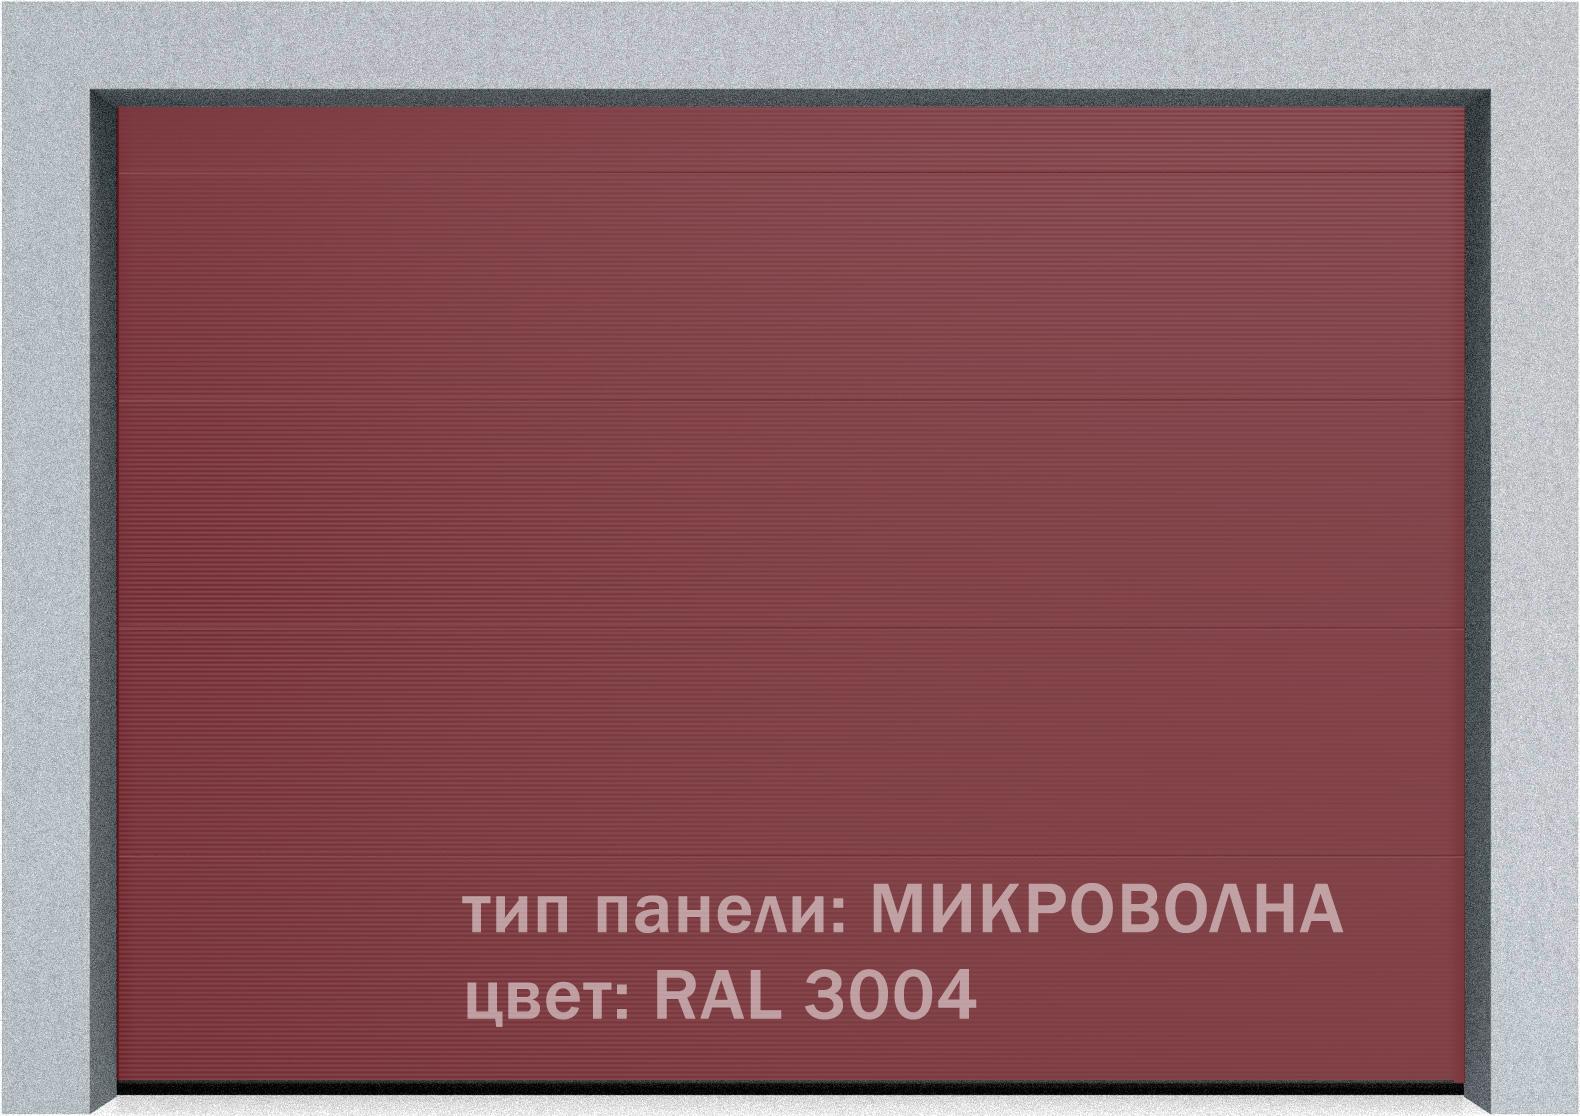 Секционные промышленные ворота Alutech ProTrend 2500х2000 S-гофр, Микроволна стандартные цвета, фото 15